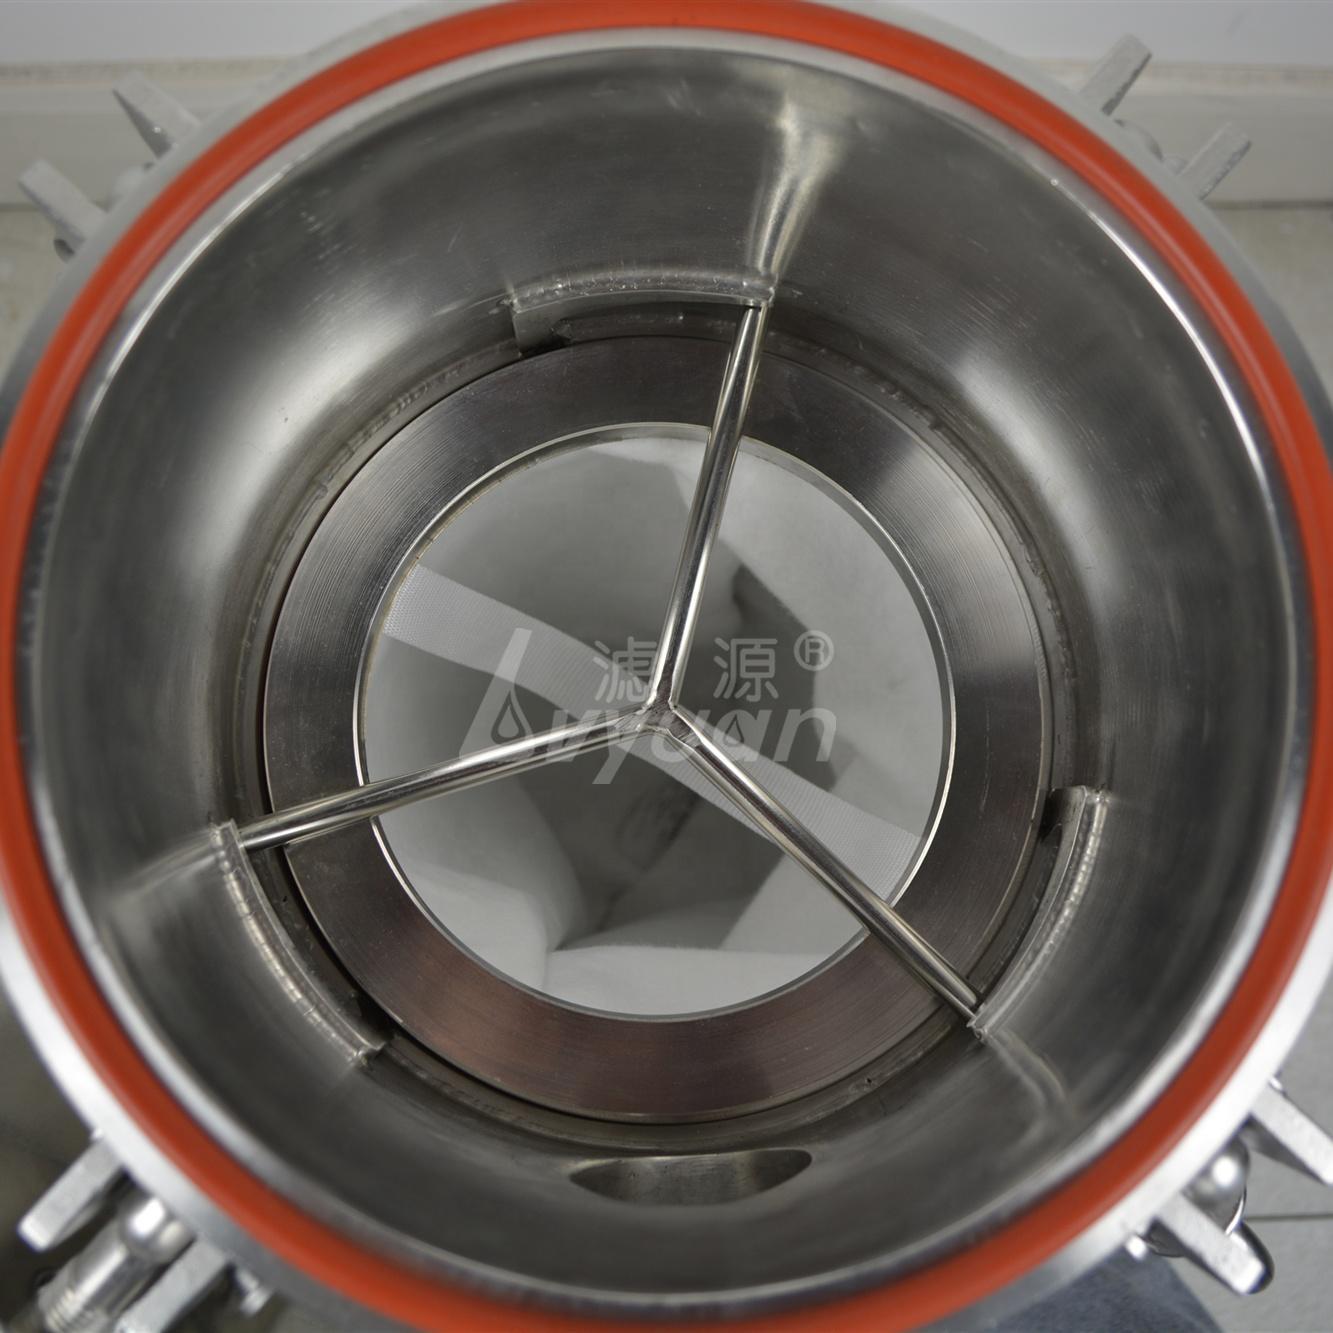 stainless steel 304 316 bag filter housing/bag filter for wine/ beer/beverage filtration